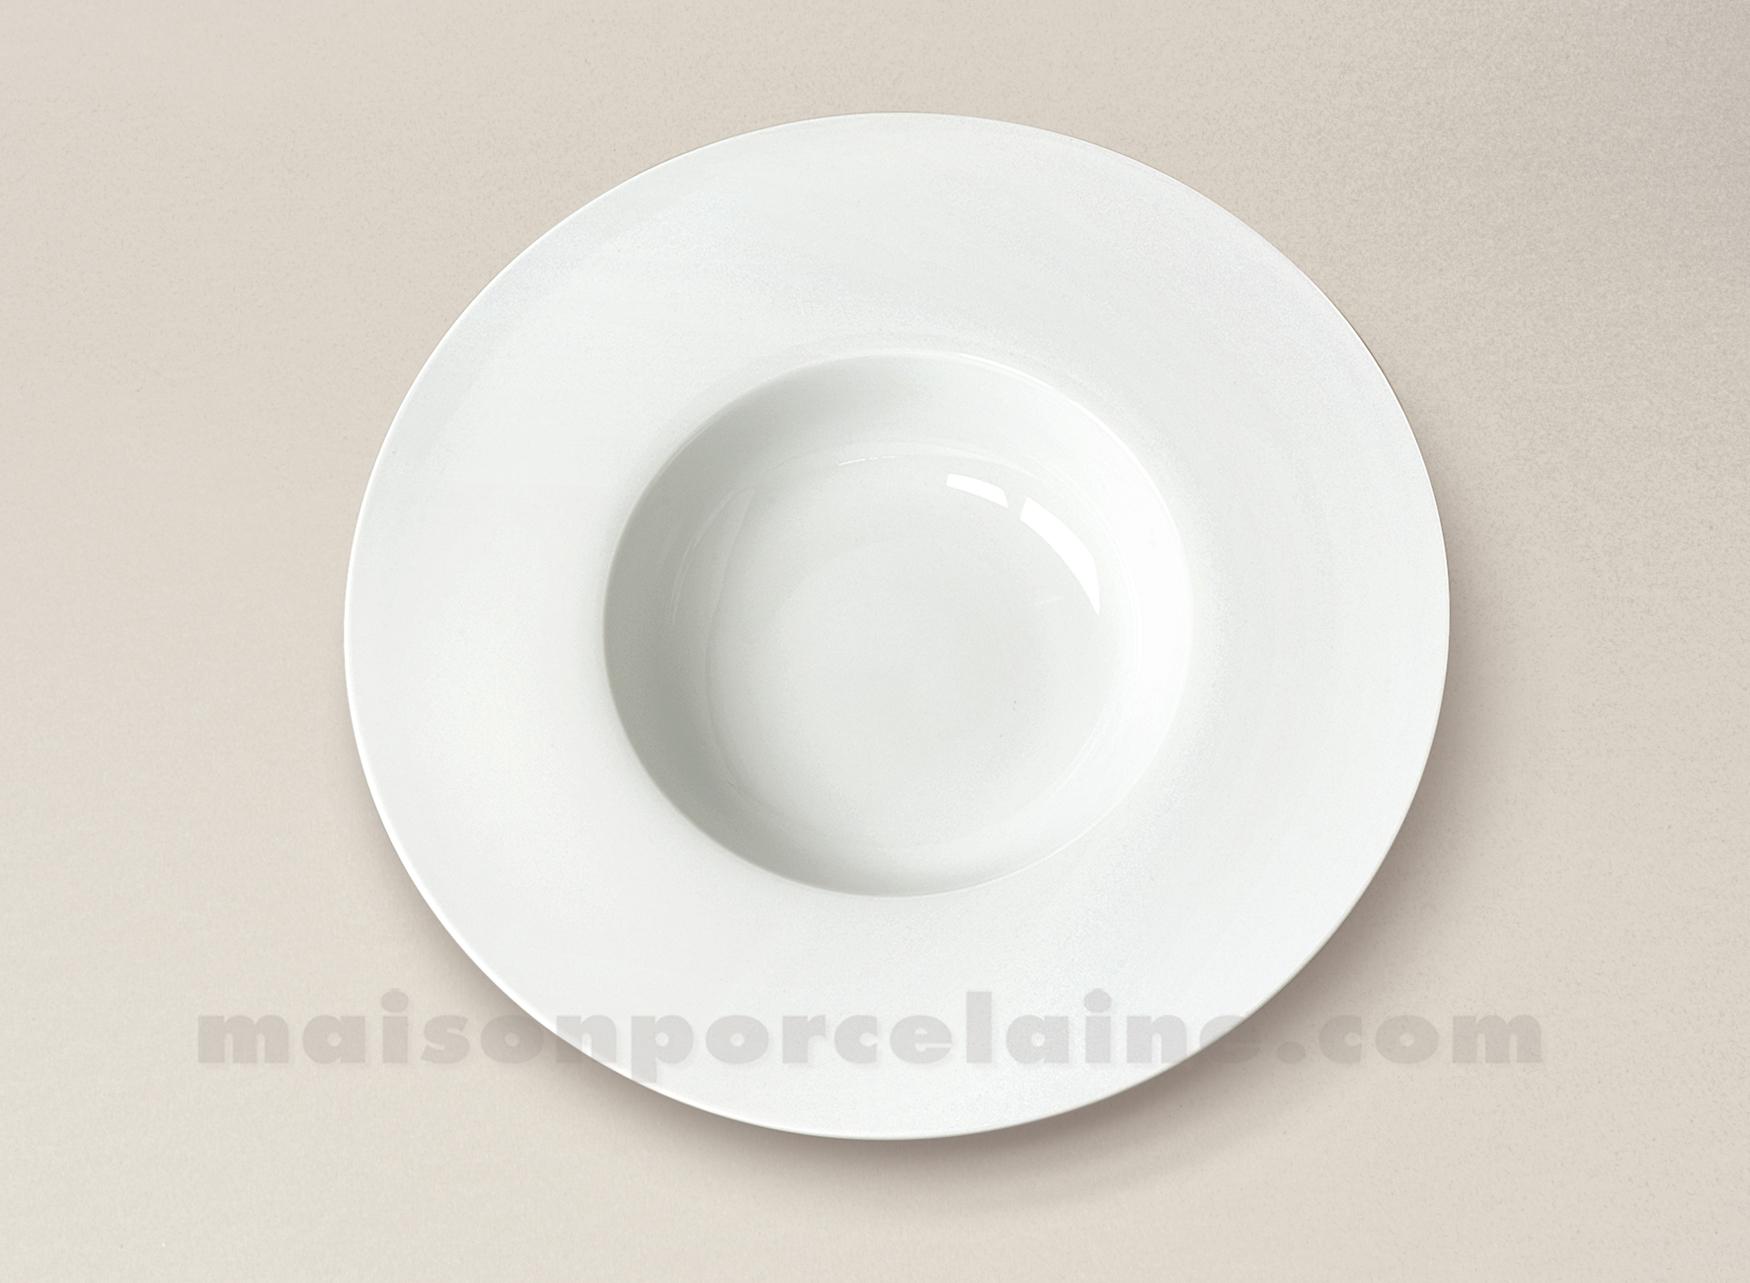 Assiette gourmet porcelaine blanche aile plate milan 20x5cm maison de la porcelaine - Assiette secret de gourmet ...